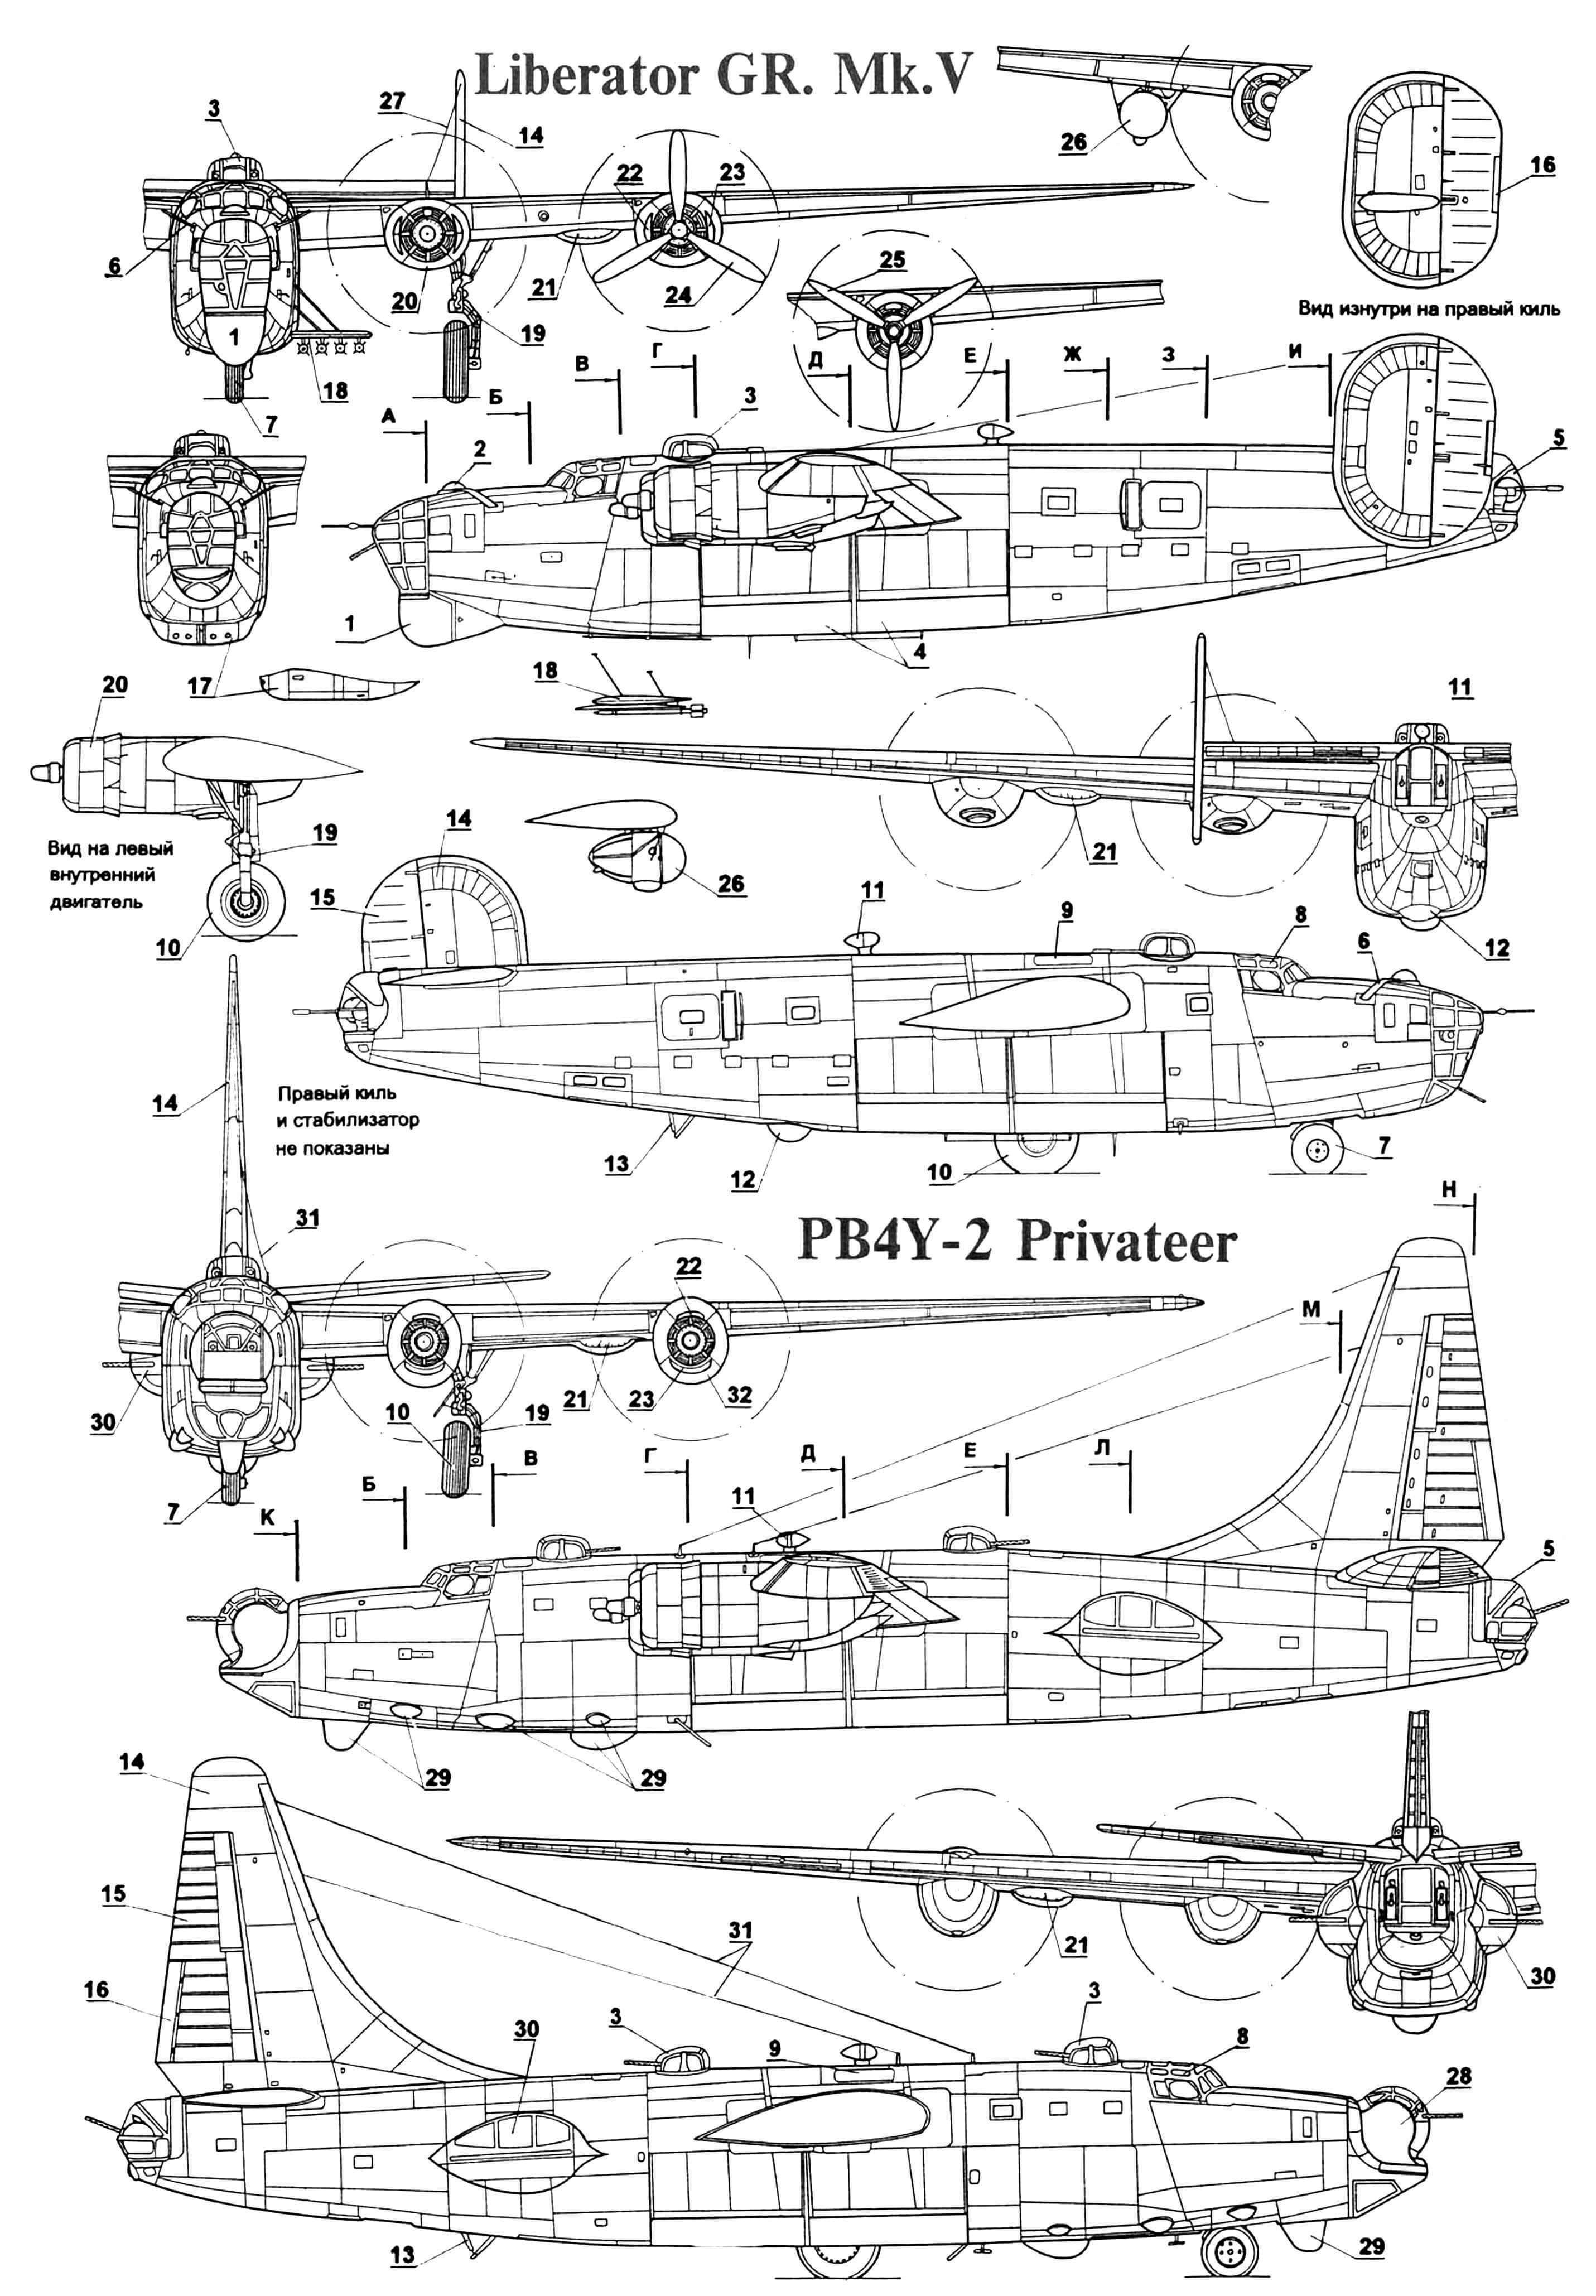 """Тяжелый бомбардировщик В-24: 1 — РЛС поисковая, 2 — астролюк, 3 — установки турельные фирмы «Мартин», 4 — створки бомболюка, 5 — башня хвостовая, 6 — приемник воздушного давления, 7 — колесо носовое диаметром 36"""", 8 — кабина экипажа, 9 — отсек со спасательными шлюпками, 10 — колесо основной стойки диаметром 56"""", 11 — антенна радиокомпаса, 12 — РЛС выдвижная, 13 — опора хвостовая убирающаяся, 14 — киль, 15 — руль направления, 16 — триммер, 17 — контейнер с четырьмя 20-мм пушками, 18 — установка пусковая на четыре НУР, 19 — стойка шасси основная, 20 — двигатель «Пратт энд Уитни» R-1830-65, 21 — обтекатель ниши колеса, 22 — воздухозаборник турбокомпрессора, 23 — воздухозаборник маслорадиатора, 24 — винт «Гамильтон Стандарт Гидроматикс», 25 — винт «Кертис Электрик», 26 — прожектор подвесной, 27 — антенна управления, 28 — установка «Эрсо» носовая сферическая, 29 — обтекатели РЛС, 30 — кабина боковая стрелковая, 31 — антенны радиосвязи, 32 — двигатель «Пратт энд Уитни» R-1830-94, 33 — огонь опознавательный белый, 34 — огонь опознавательный «янтарный», 35 — огонь опознавательный красный, 36 — огонь опознавательный зеленый, 37 — створка ниши носовой стойки шасси, 38 — люк экипажа входной, 39 — элероны, 40 — закрылки, 41 — горловина топливных баков заправочная, 42 — узлы крепления внешней подвески, 43 — фара посадочная, 44 — створка ниши основной стойки шасси, 45 — турбокомпрессор, 46 — огни габаритные, 47 — стабилизатор, 48 — руль высоты."""